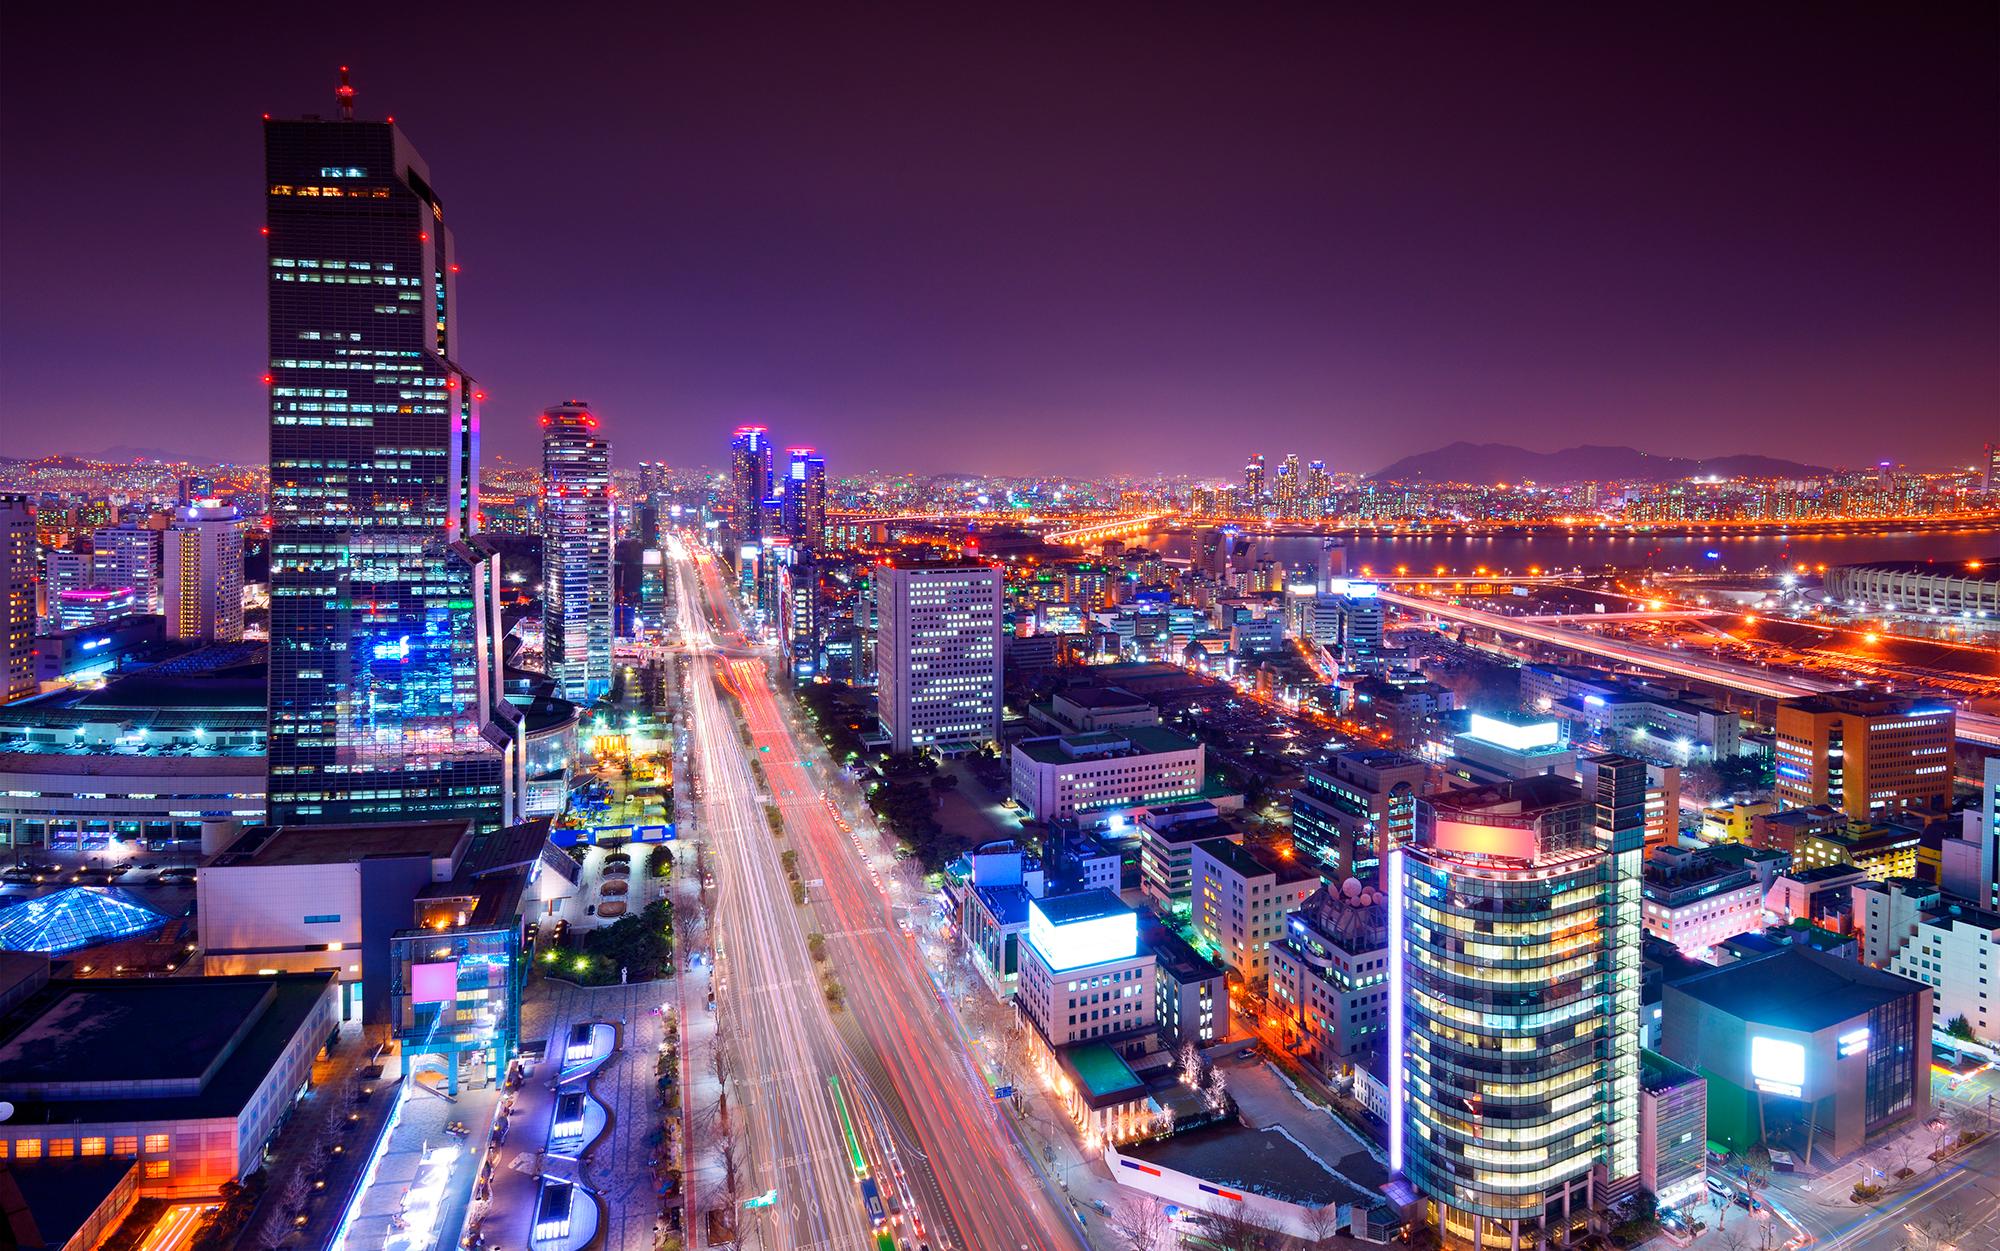 Distrito de Gangnam em Seul